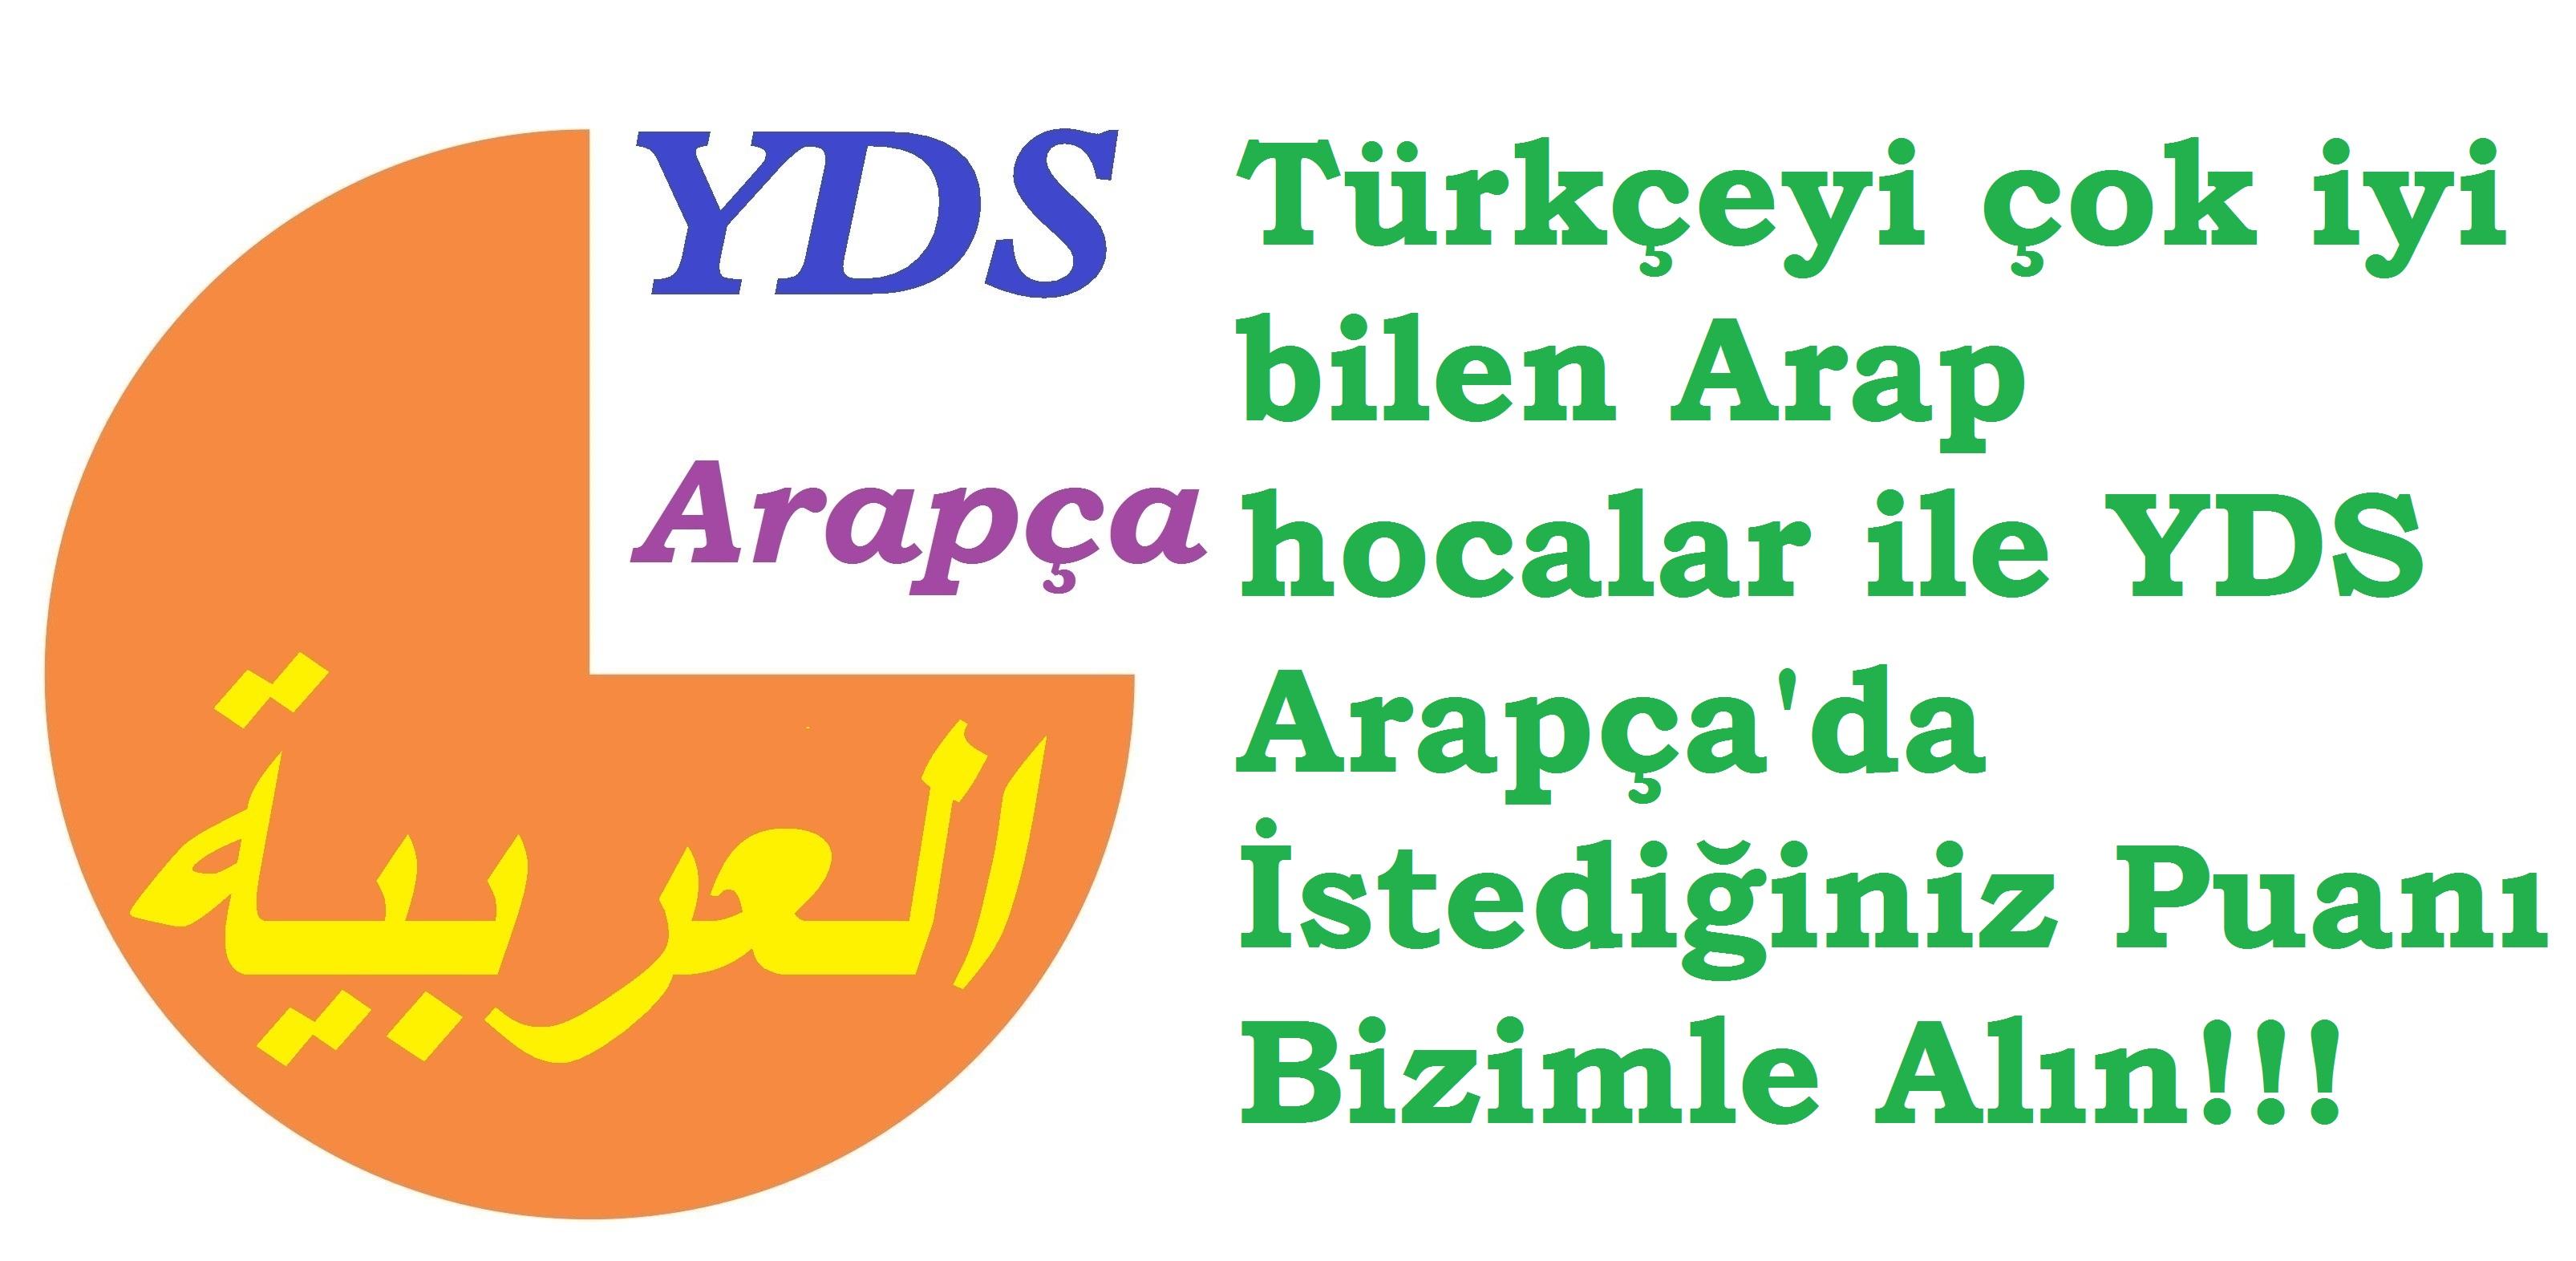 YDS Arapça Kursu, Ankara